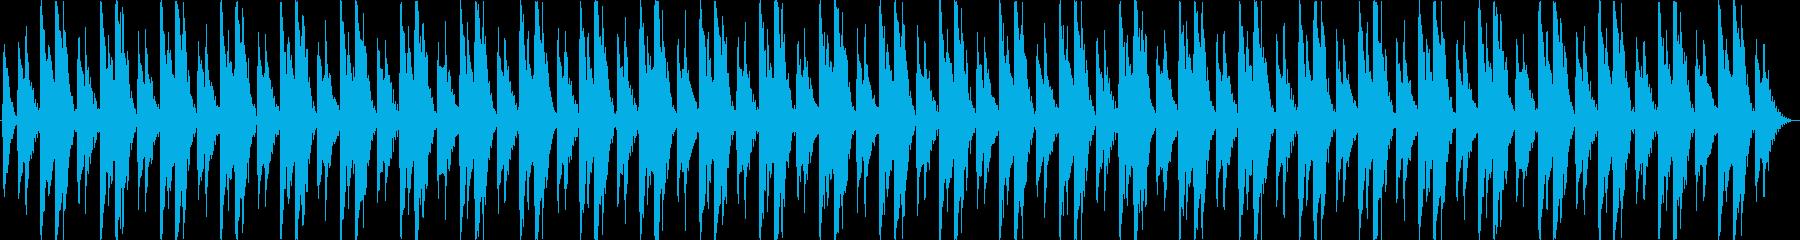 シーケンス 面白いシンセシーケンス02の再生済みの波形